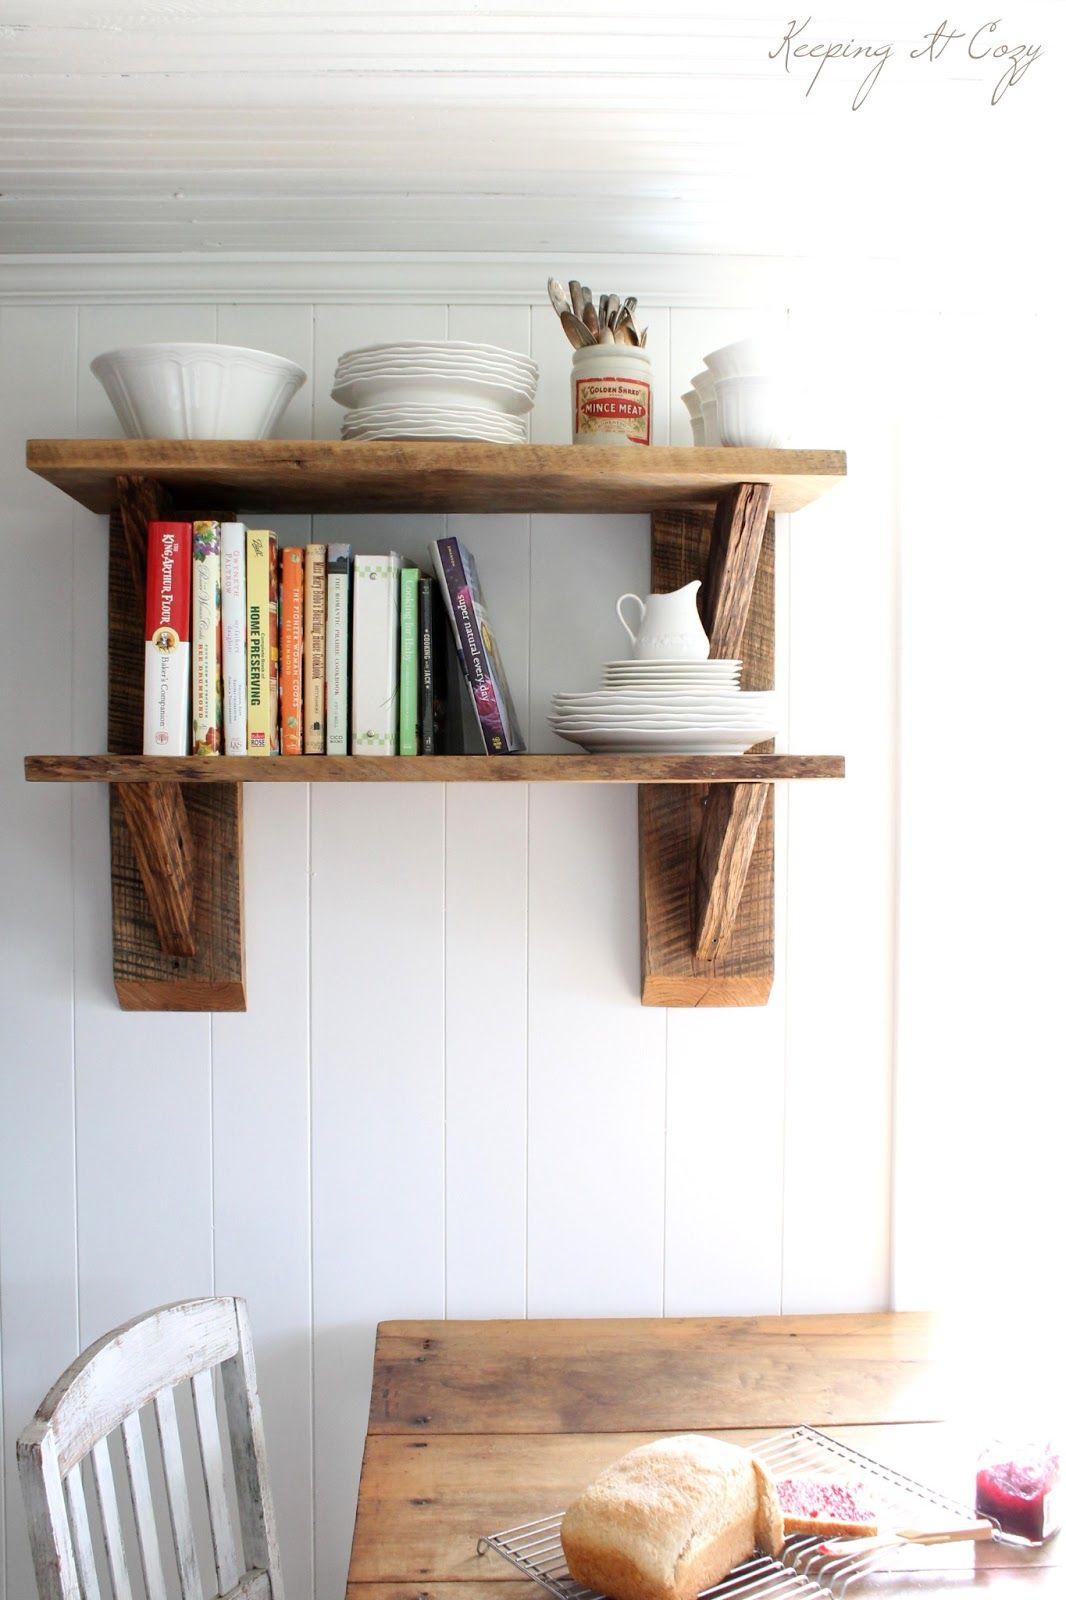 DIY Wood Shelf  60 Ways To Make DIY Shelves A Part Your Home s Décor